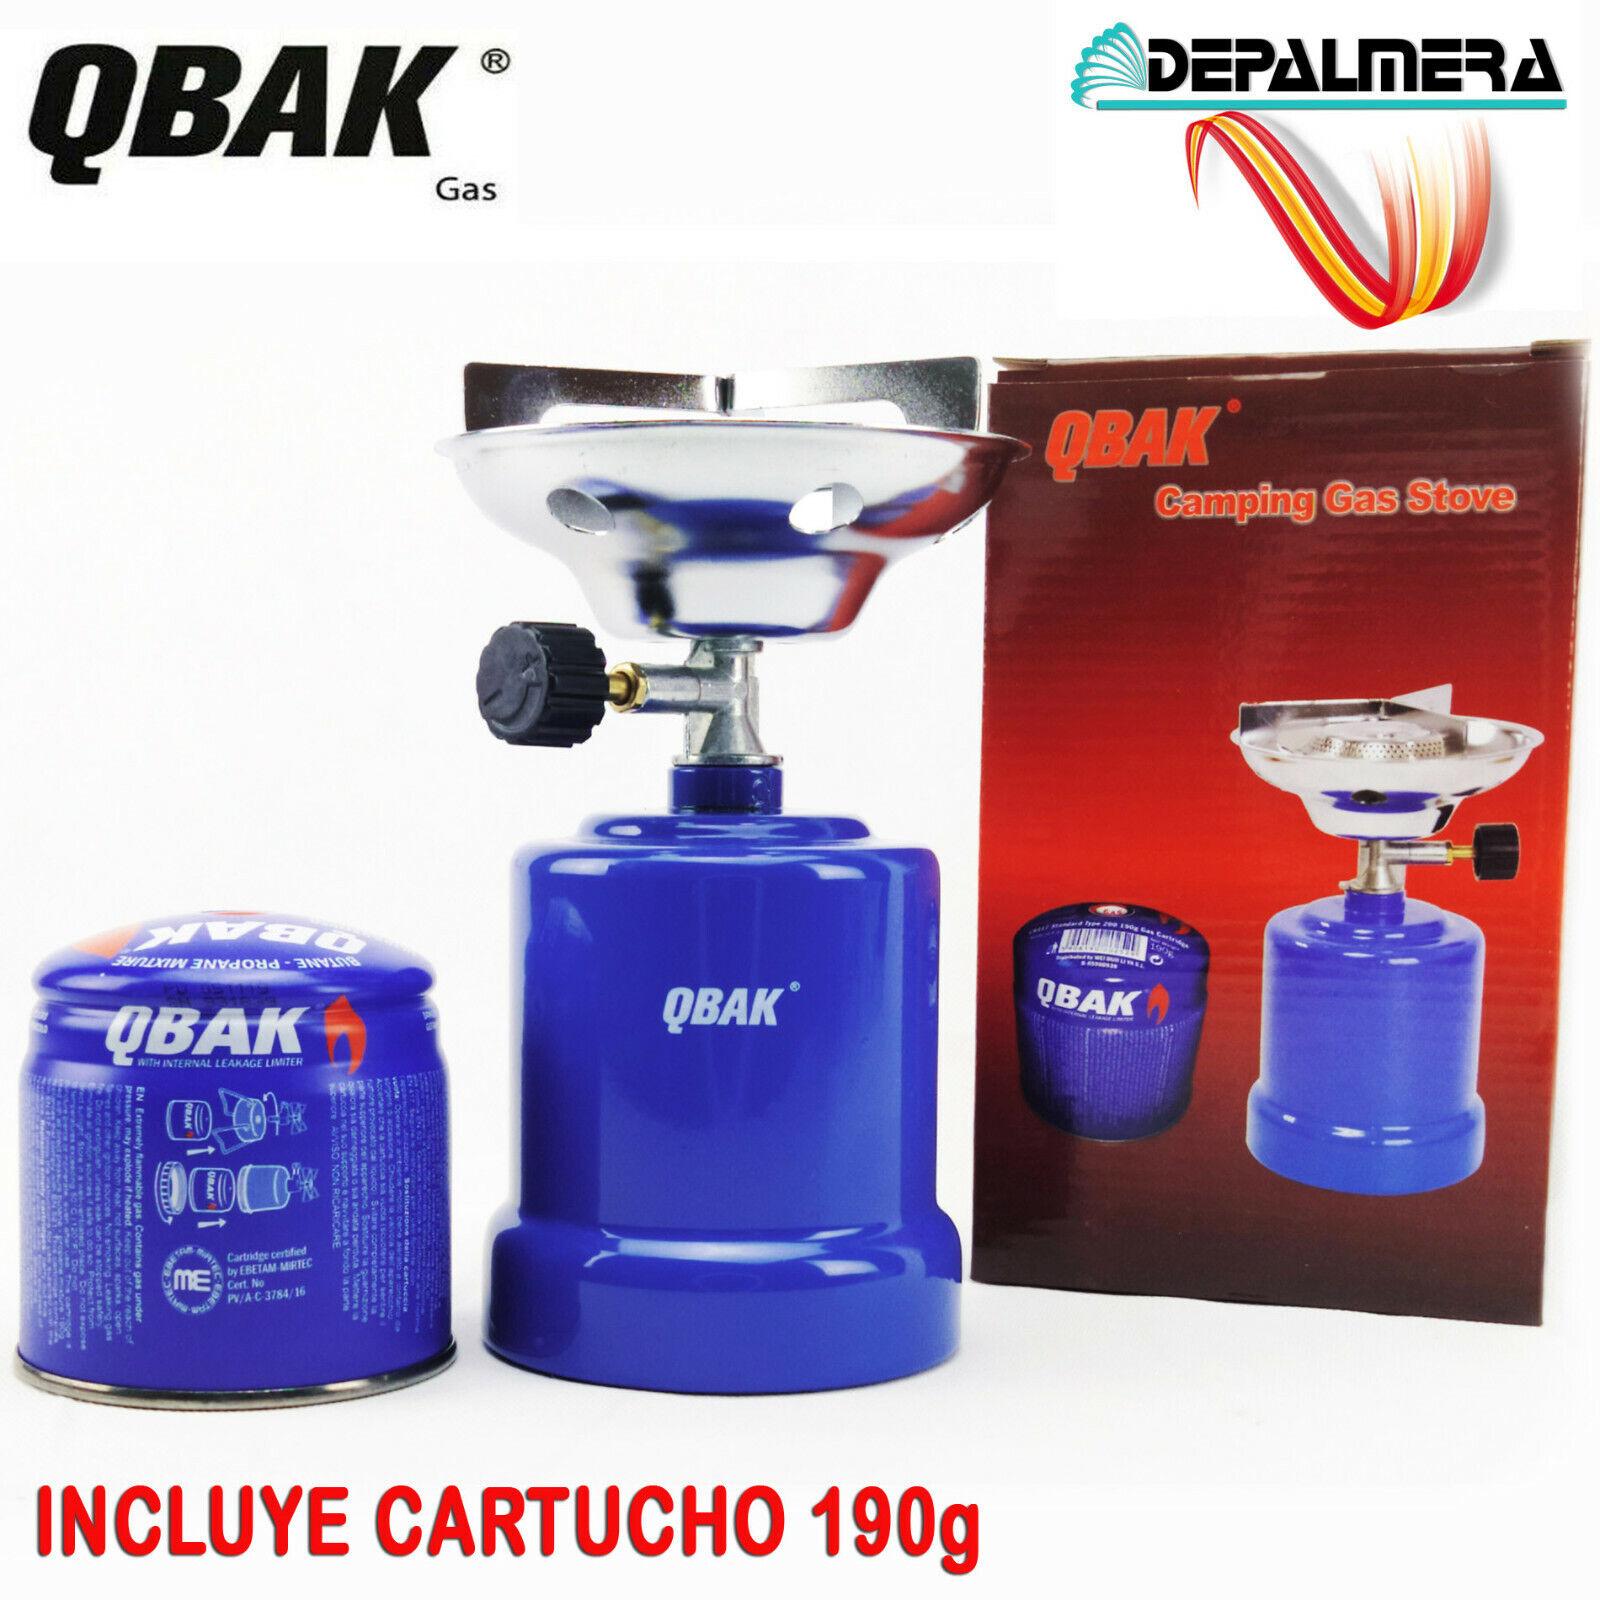 Hornillo Camping Gas Quemador de Gas Portatil Cocina Trekking + Cartucho 190g